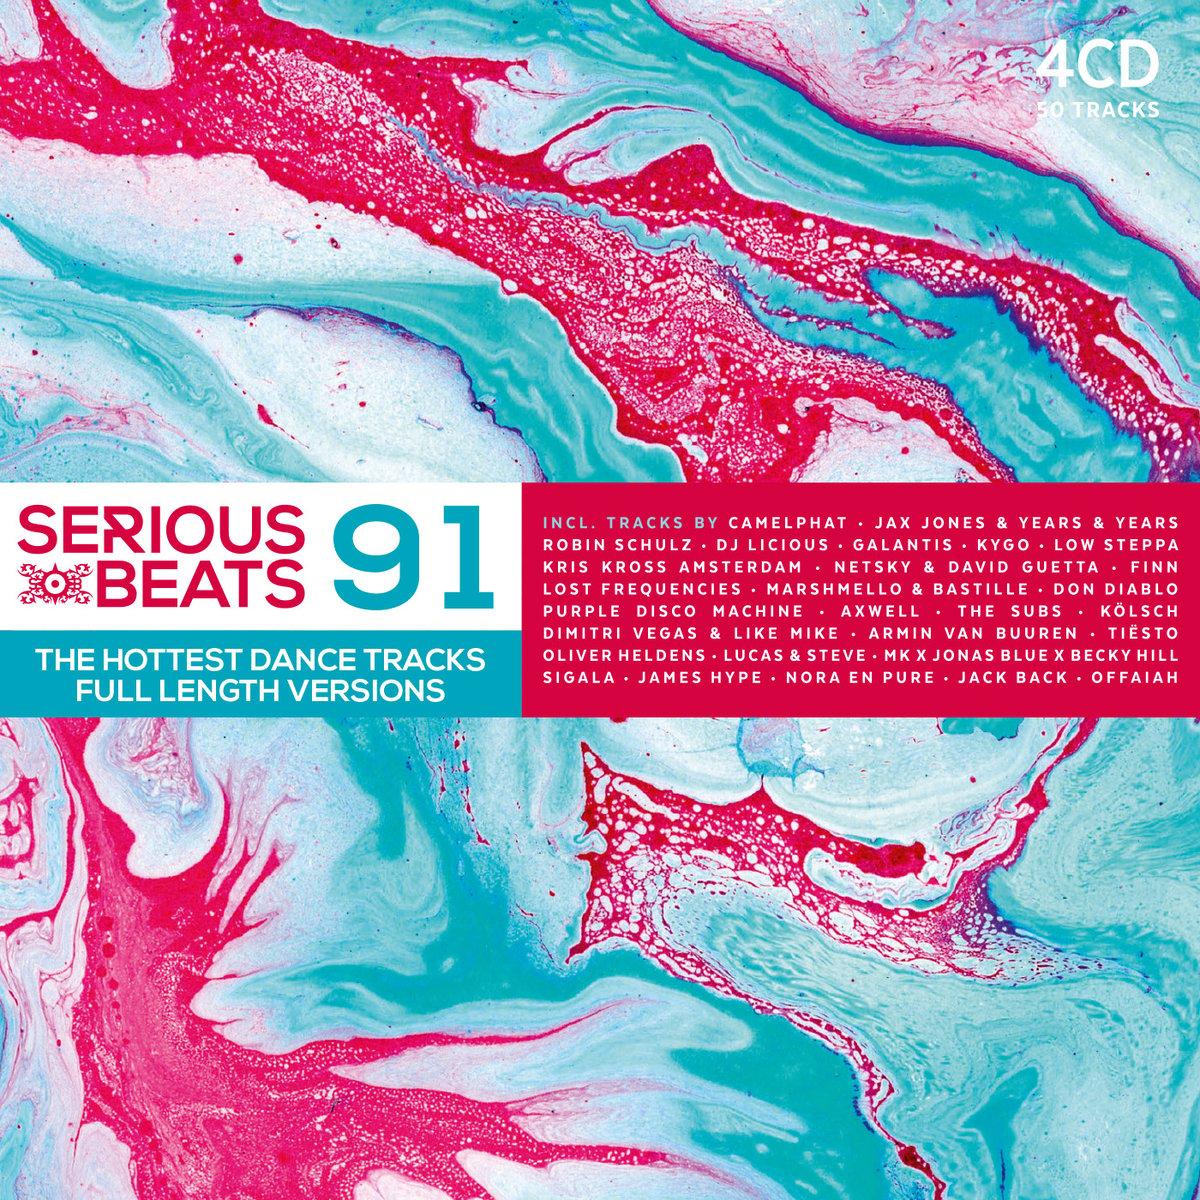 Image of VARIOUS ARTISTS - SERIOUS BEATS 91